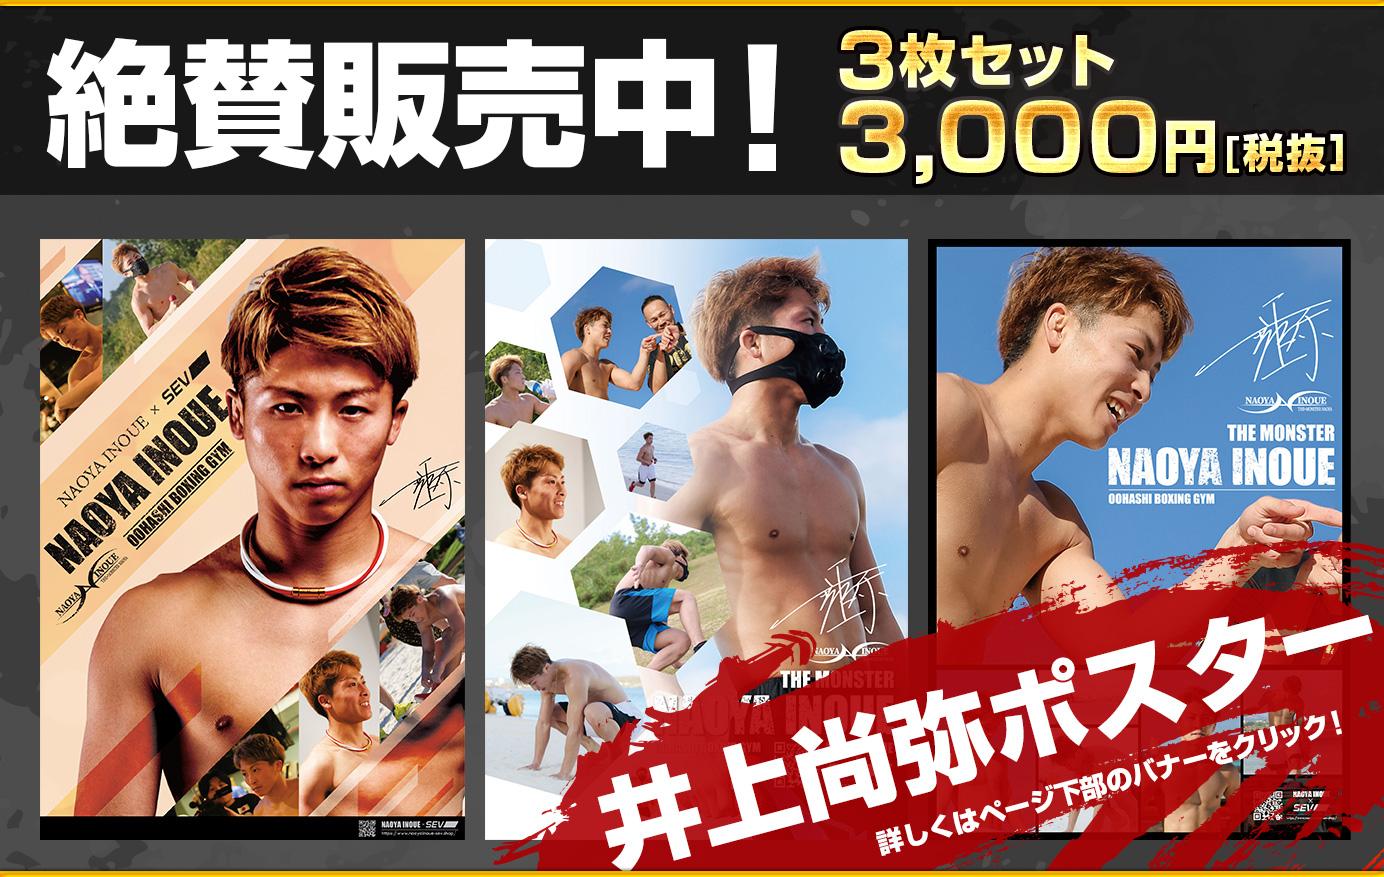 井上尚弥×SEVポスター販売中